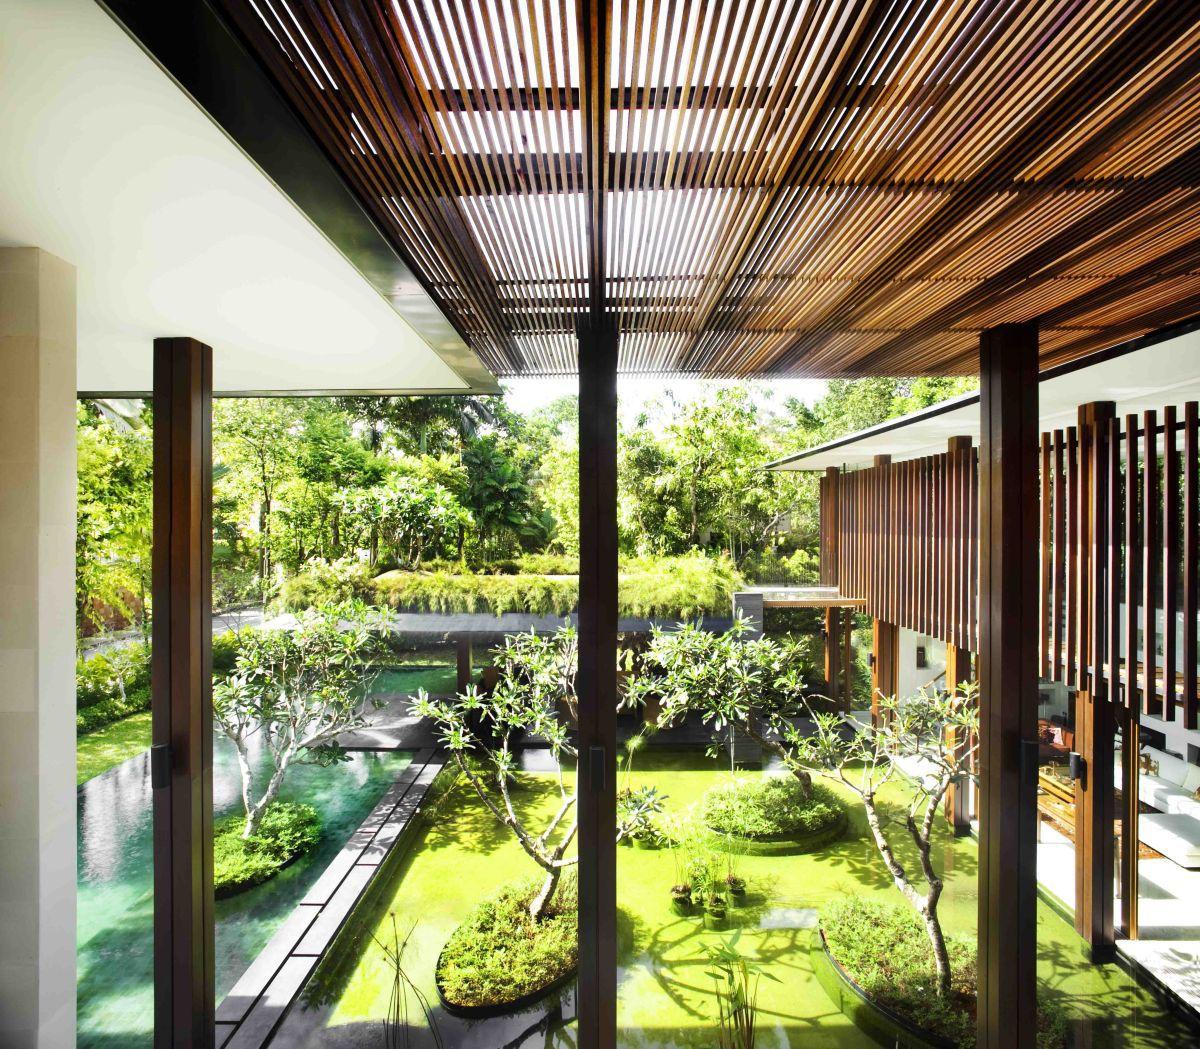 tropical home design idesignarch interior design architecture interior decorating